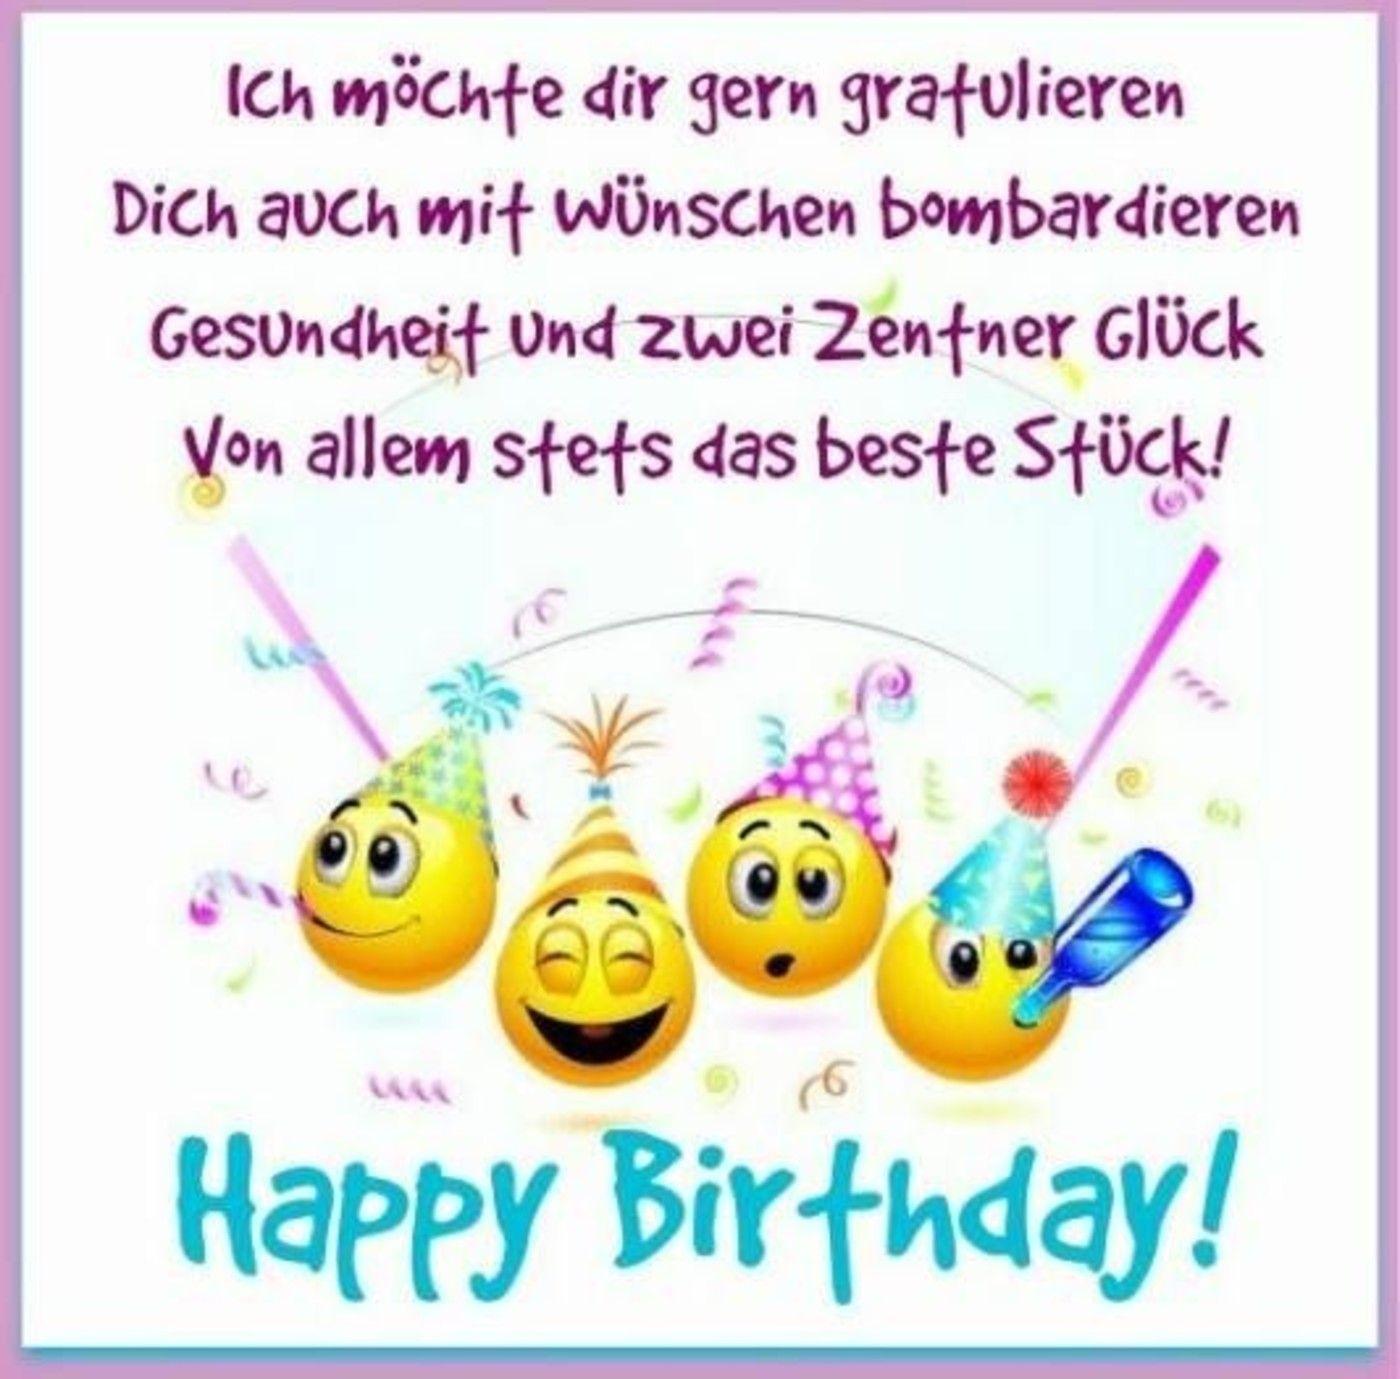 Alles Gute Zum Geburtstag Bilder Kostenlos 5 Gbpicsbilder Com